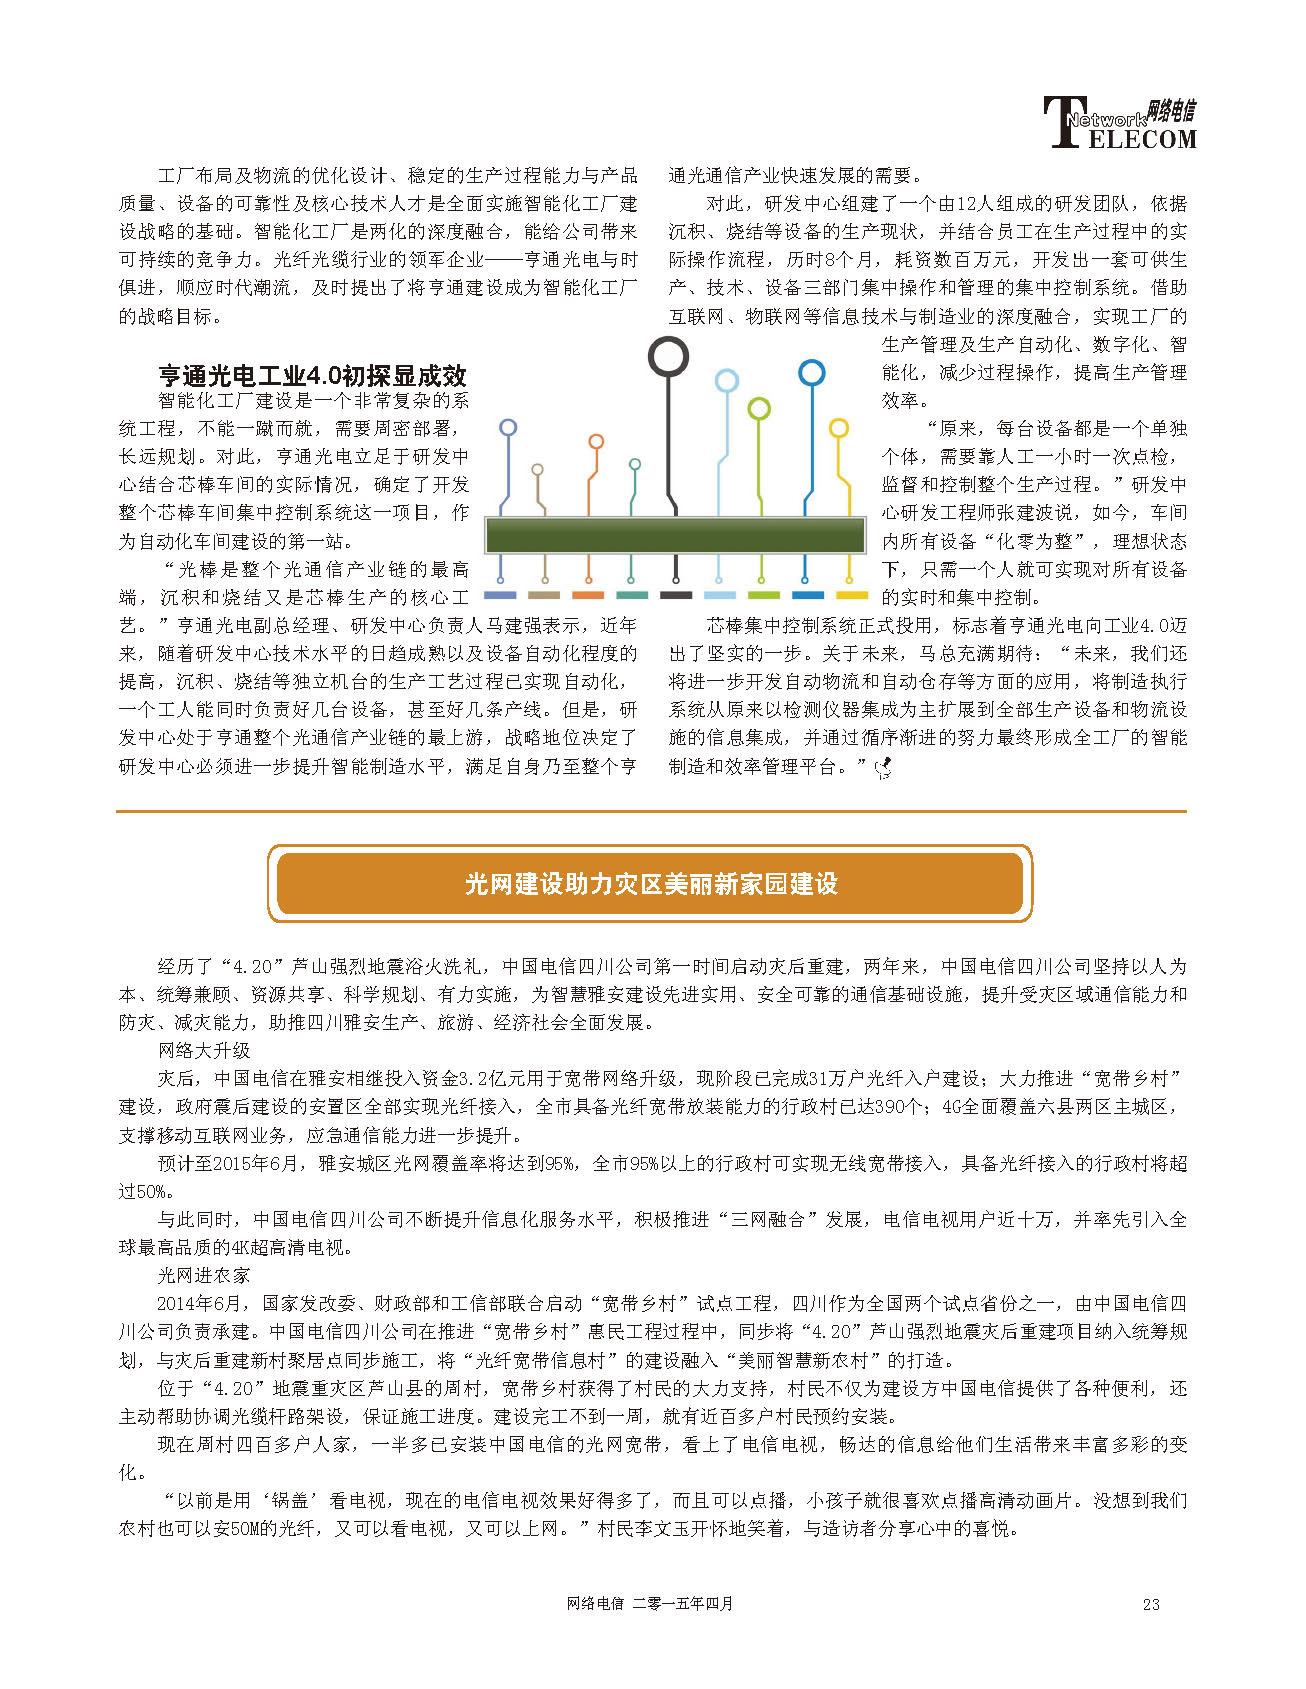 电信2015-04_页面_23.jpg